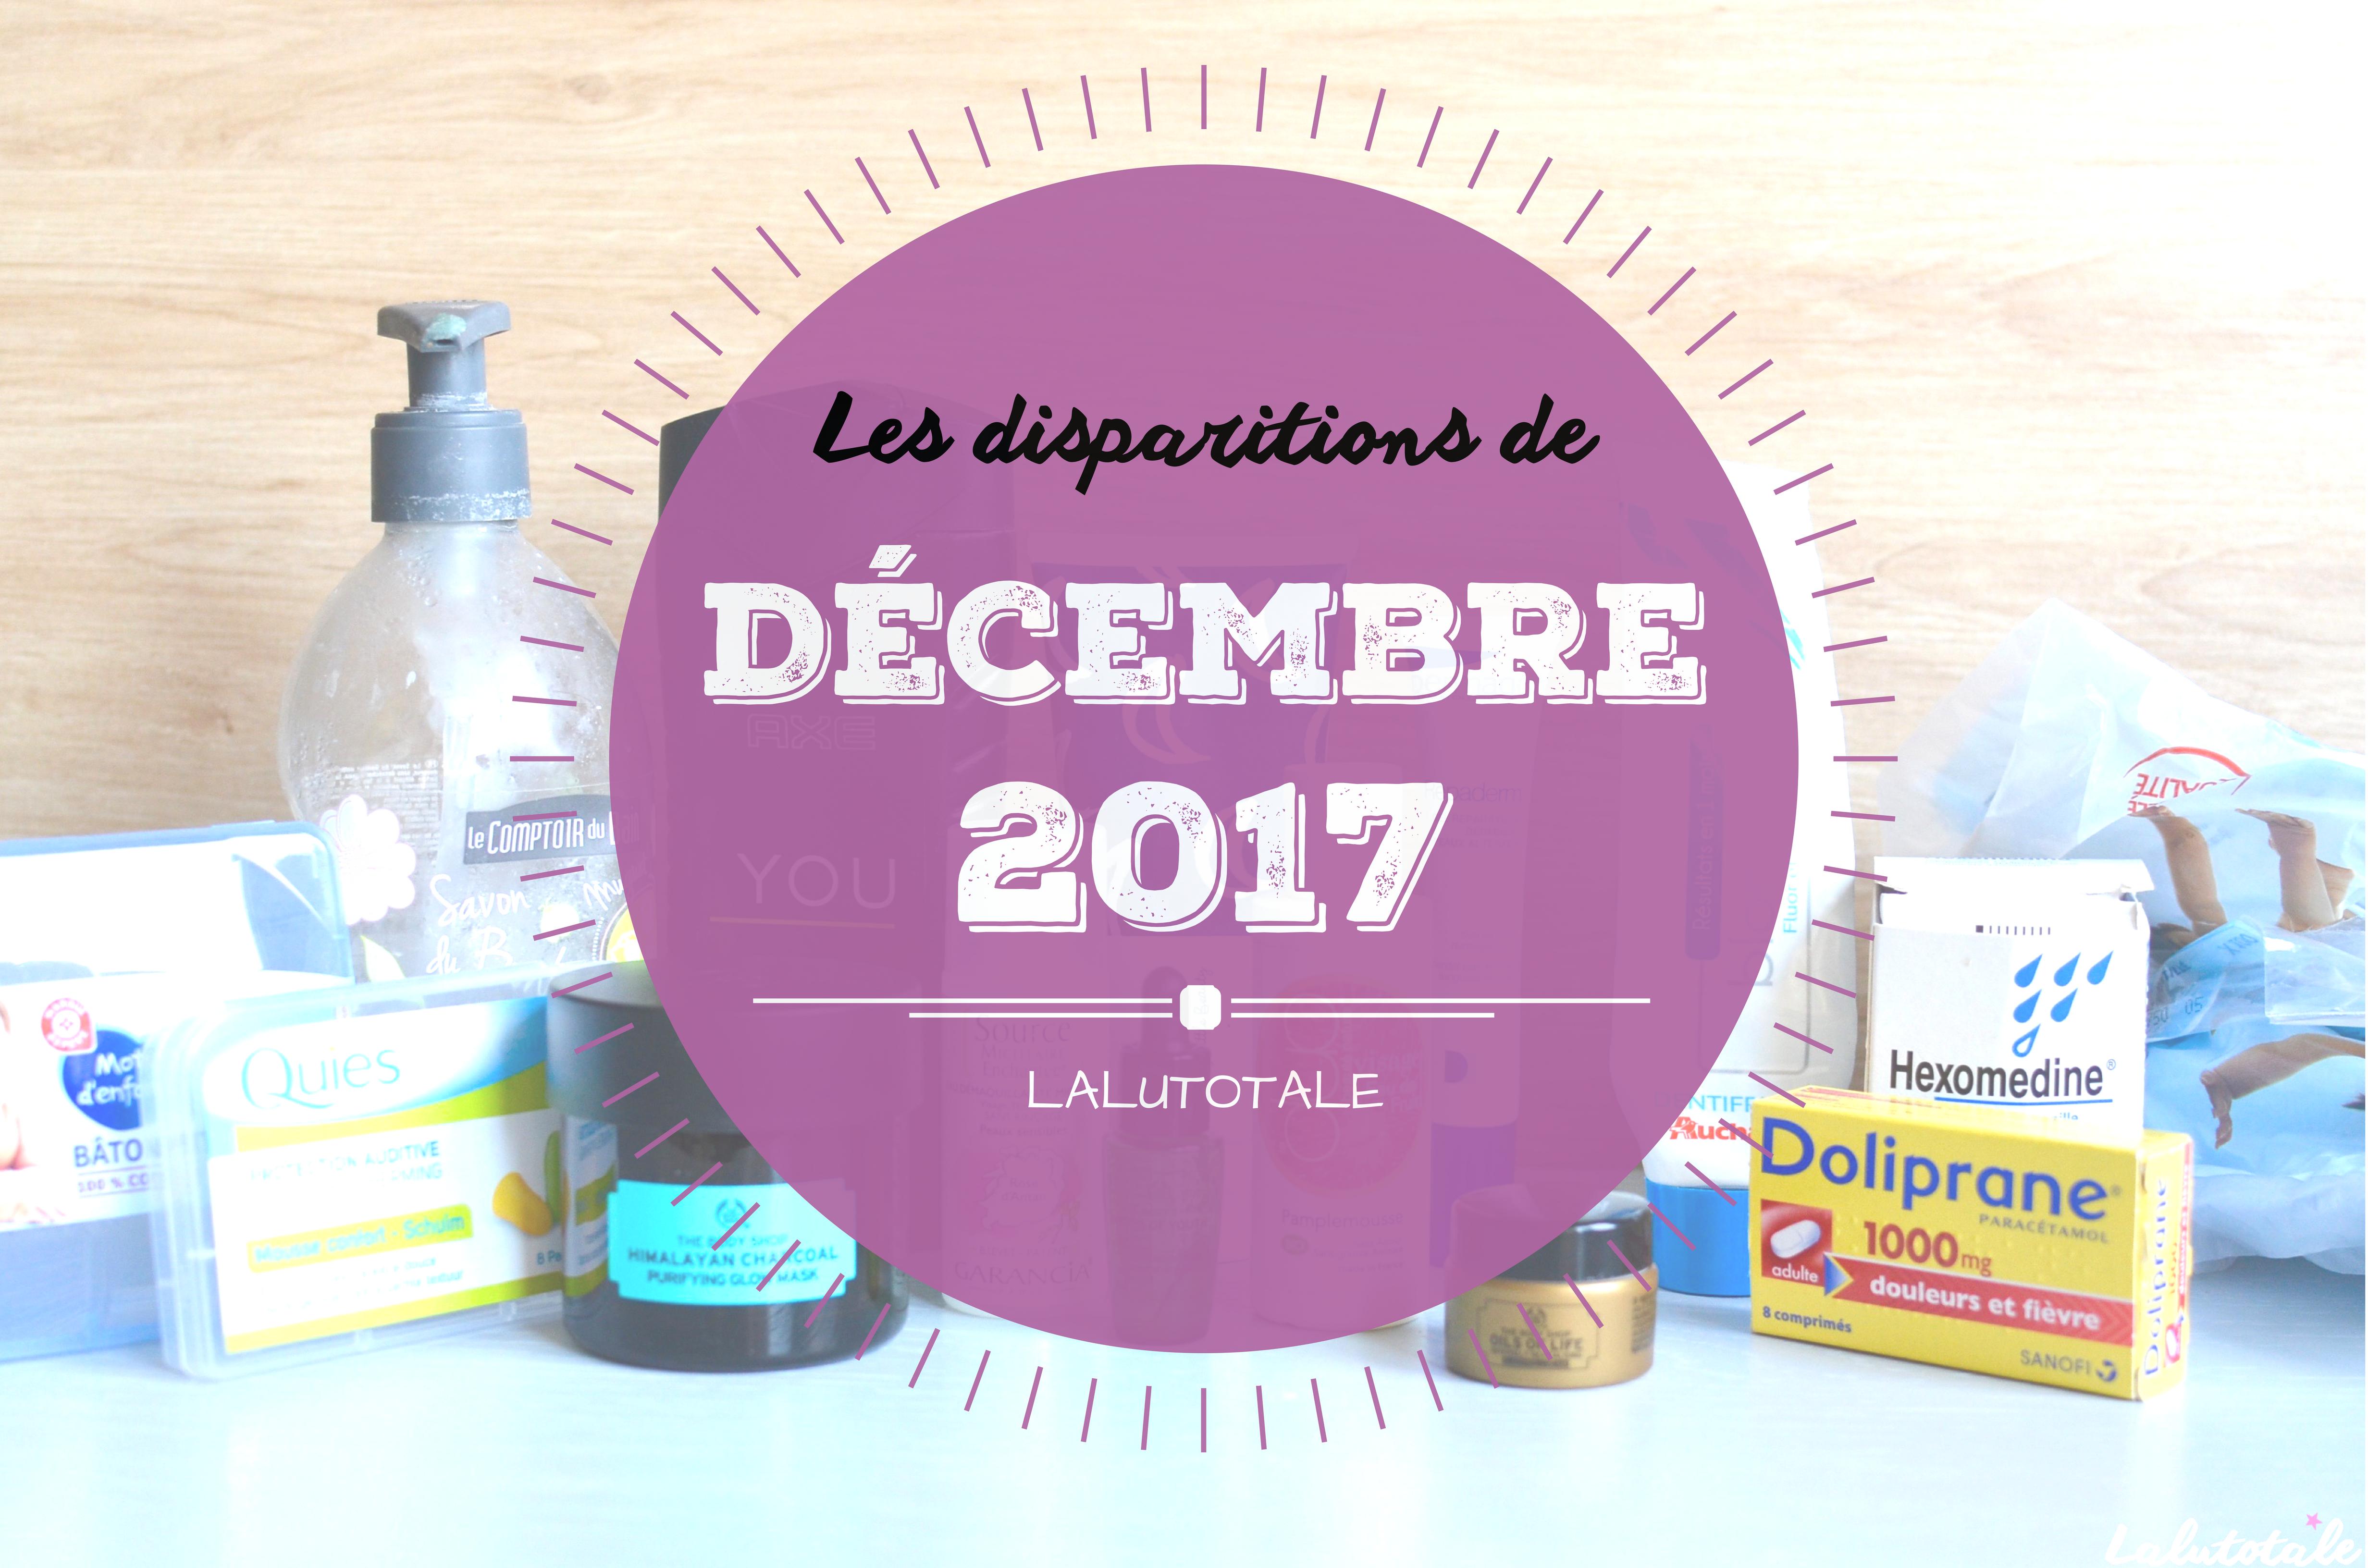 ✞ Les disparitions de Décembre 2017 ✞